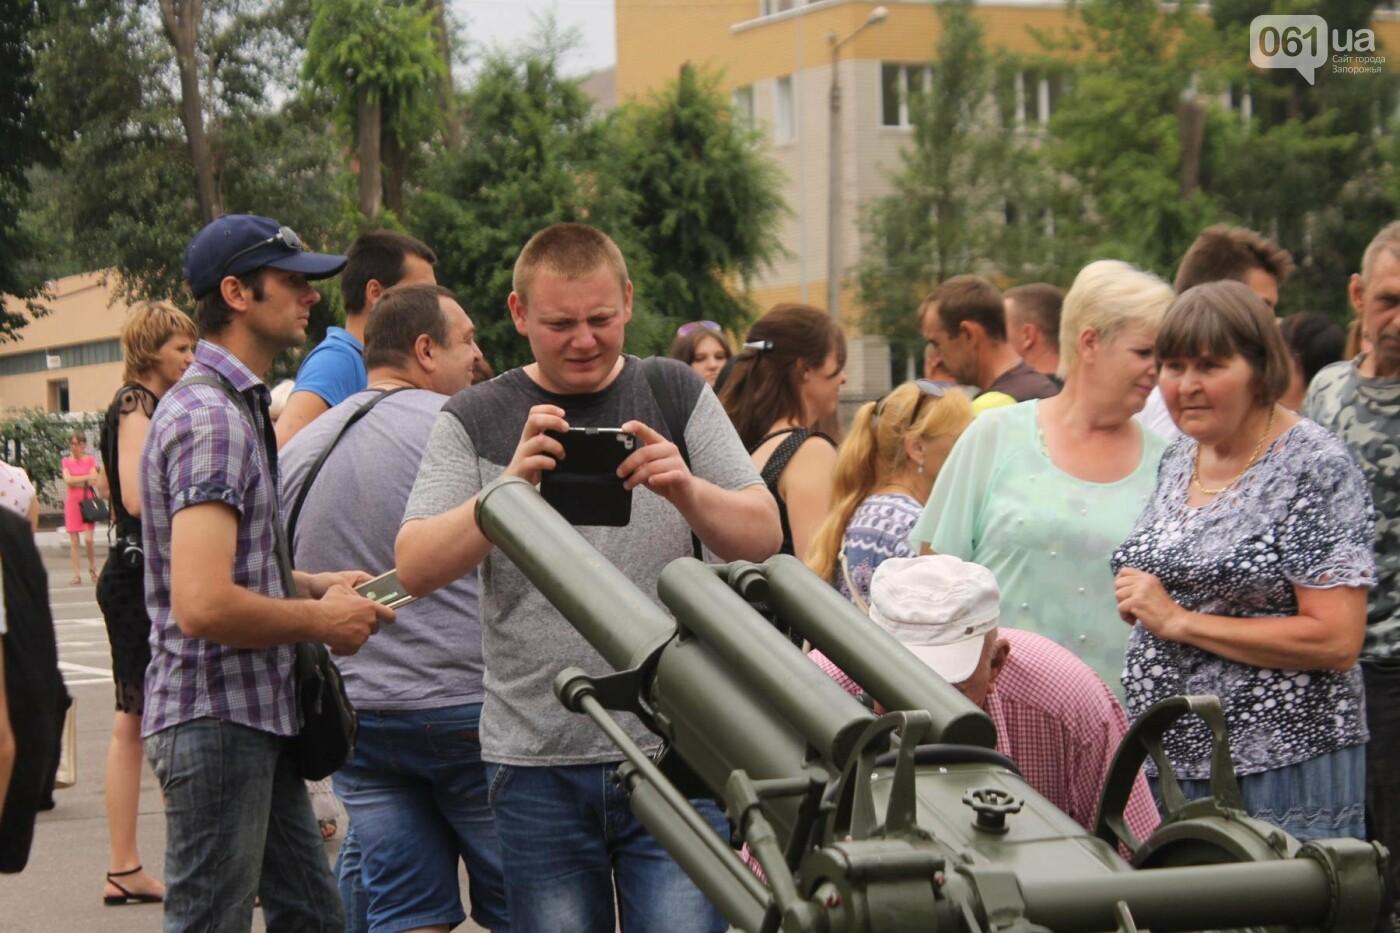 В Запорожье новобранцы Нацгвардии приняли присягу на верность Украине, – ФОТОРЕПОРТАЖ, фото-25